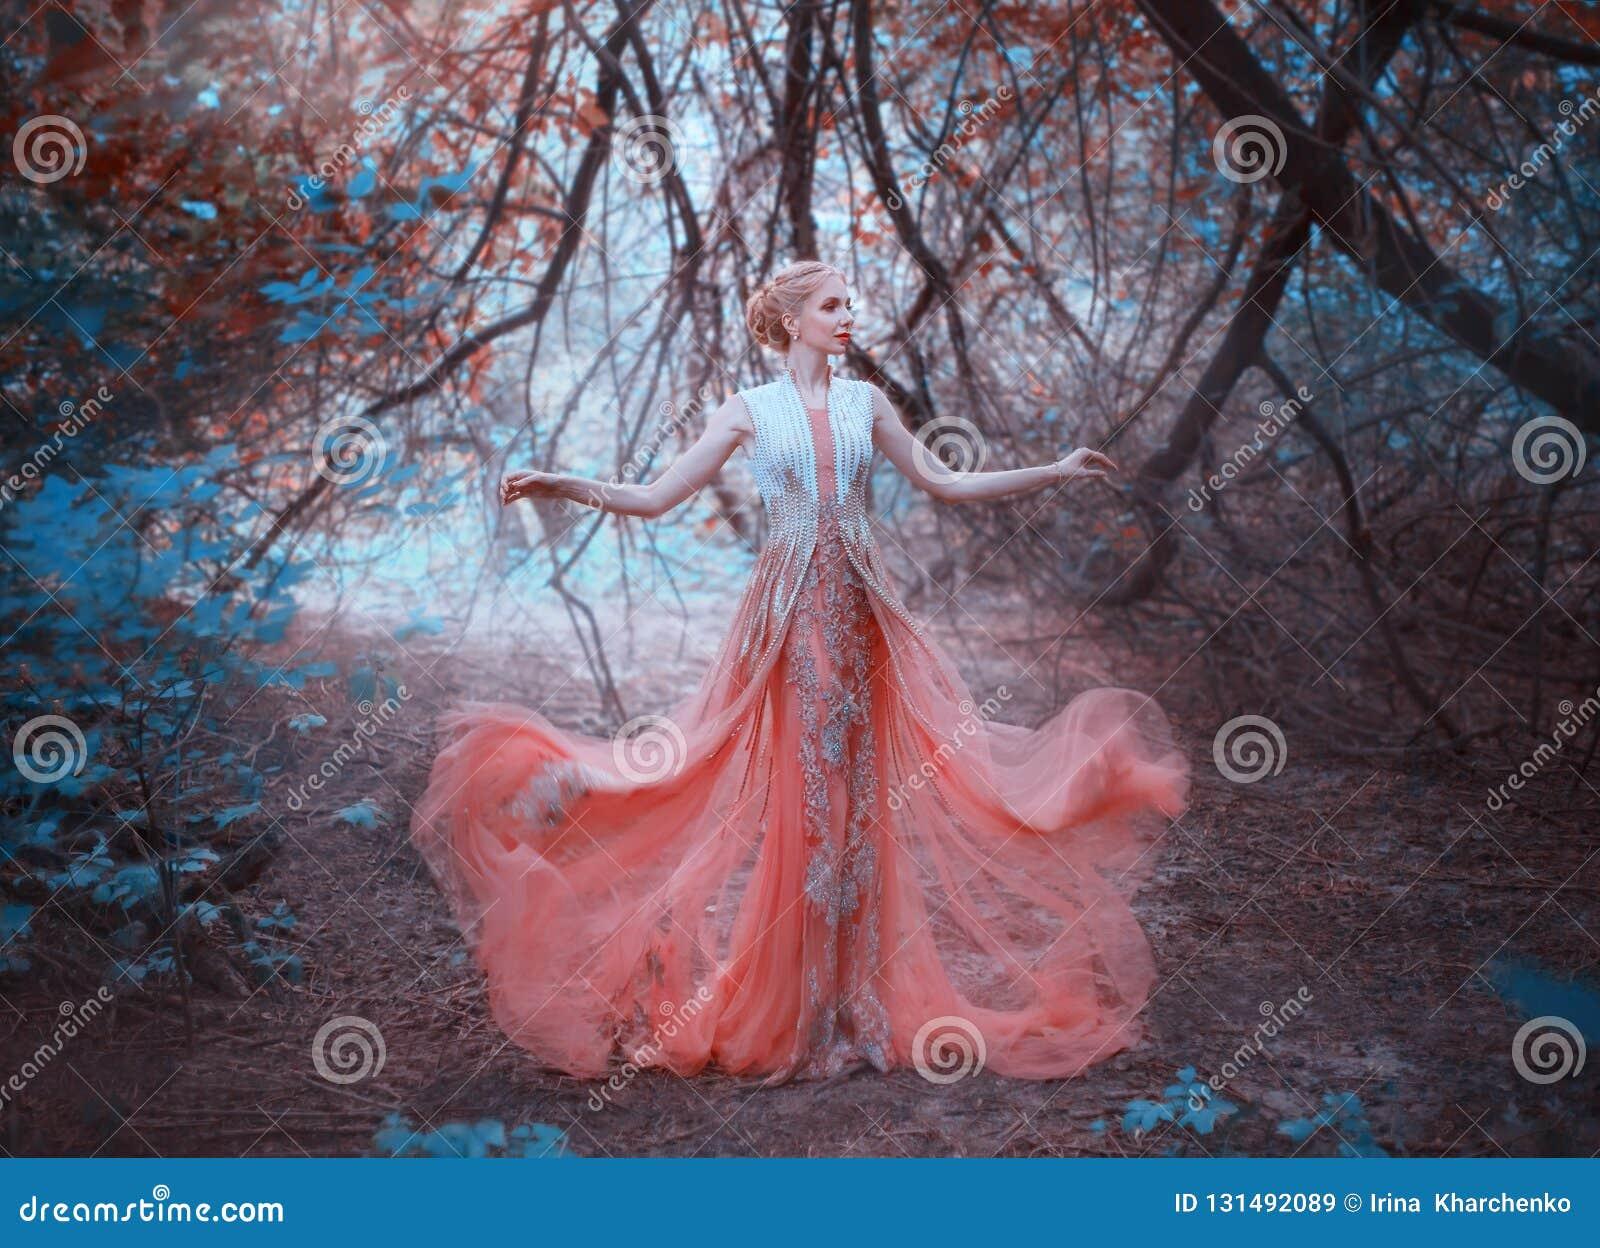 Posição loura do duende da rainha deliciosa na floresta perto dos ramos das árvores que tocam na terra, vestindo uma luz